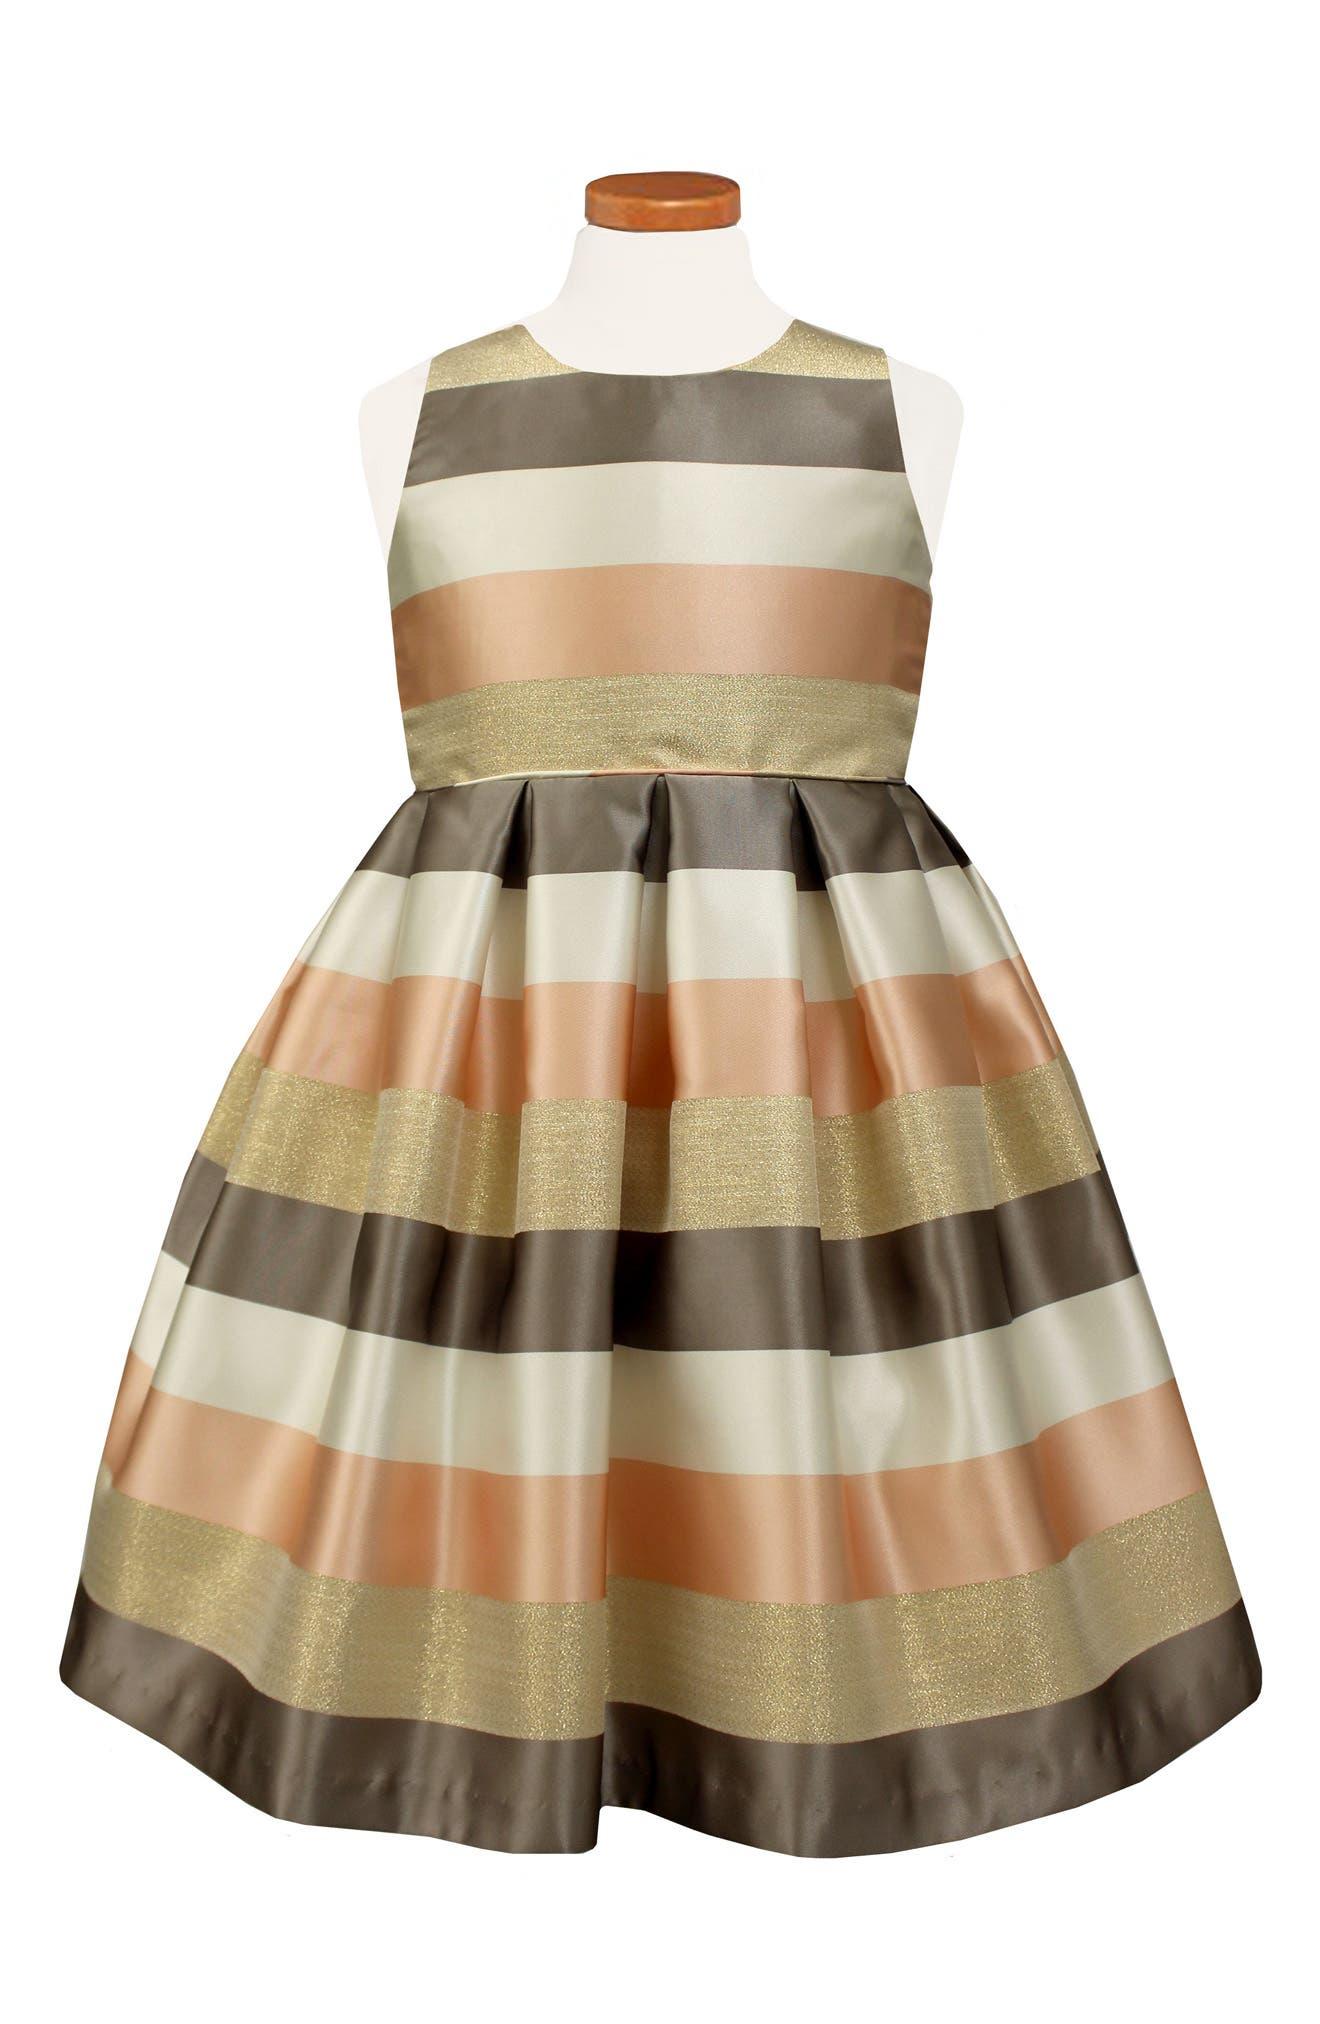 SORBET Metallic Stripe Party Dress